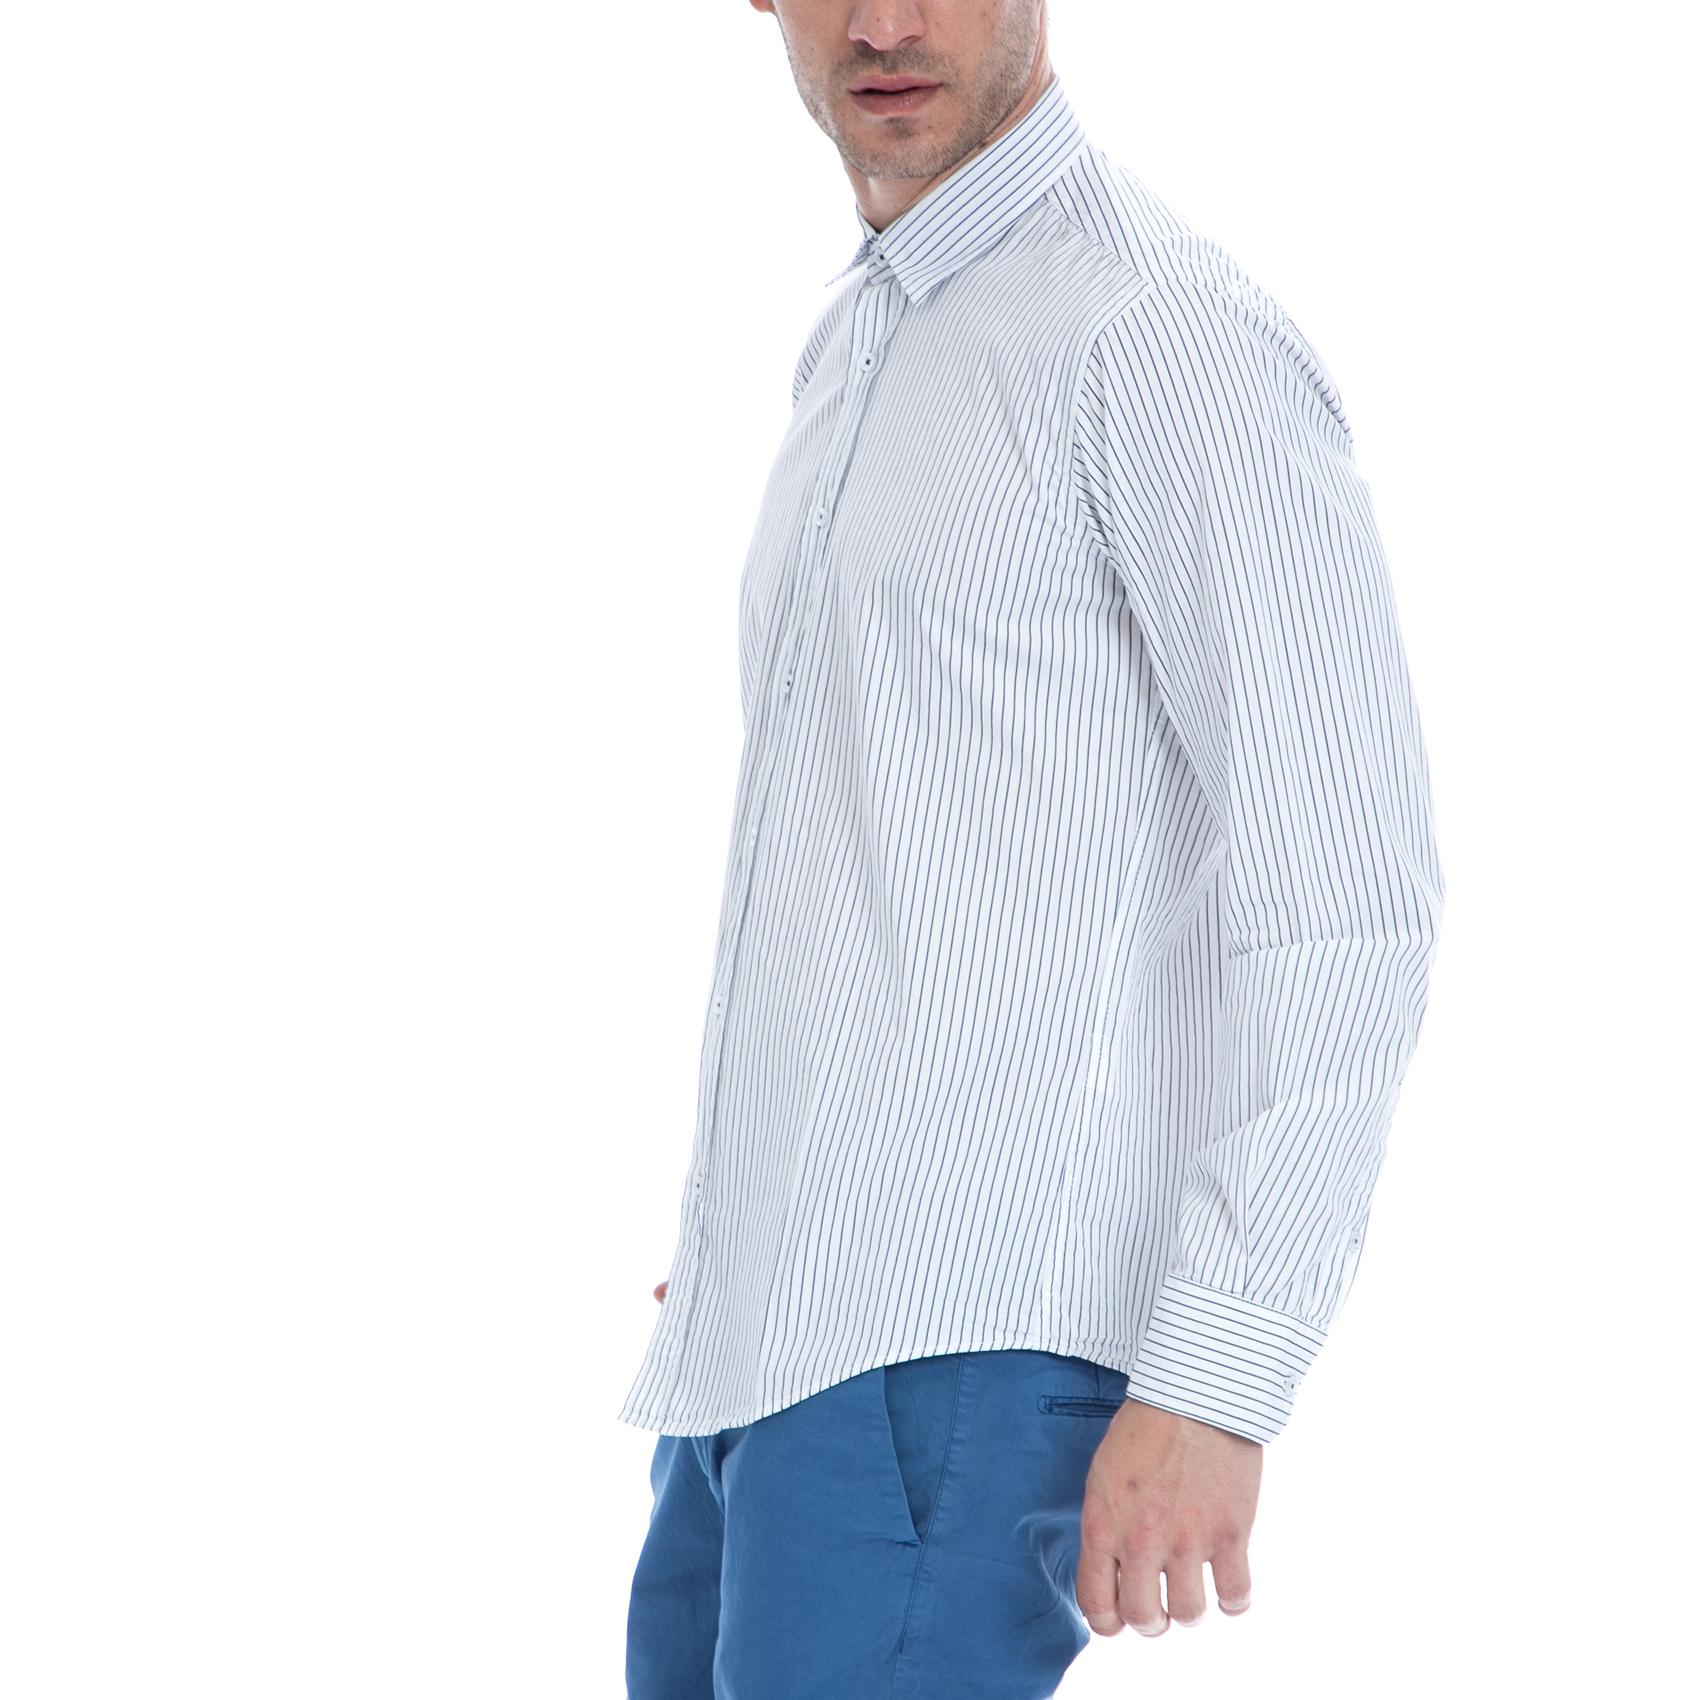 HAMPTONS - Ανδρικό πουκάμισο HAMPTONS λευκό-γκρι a8d89712b2e